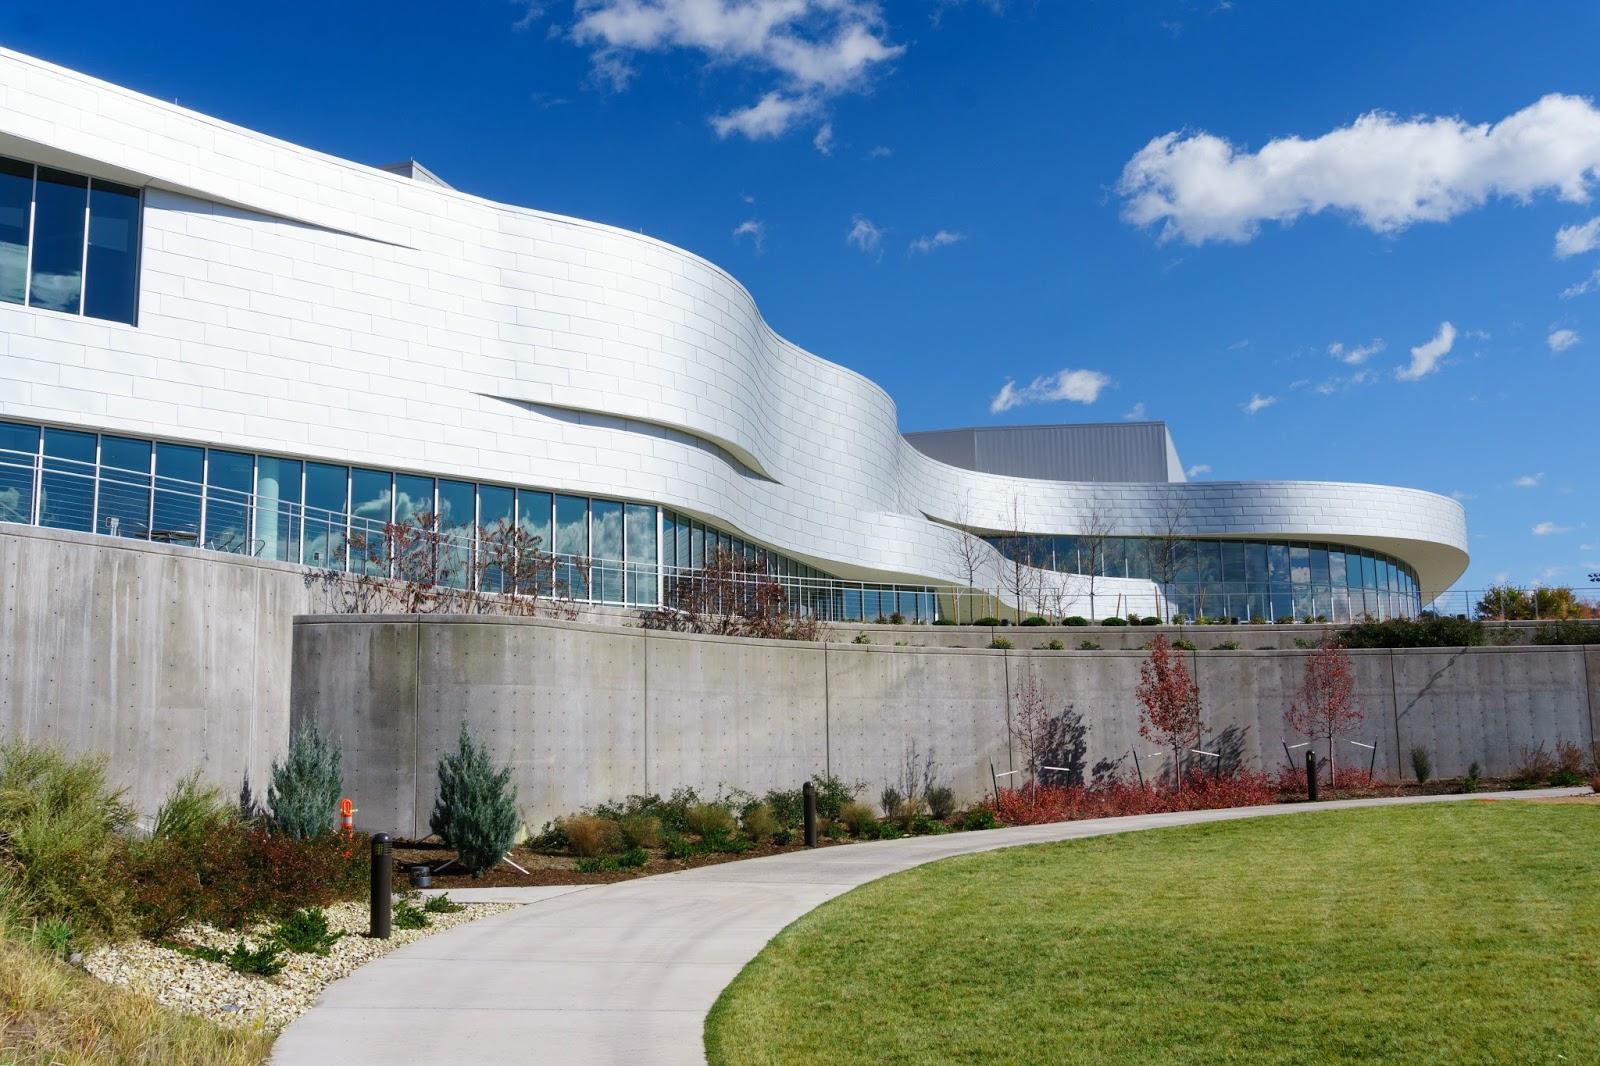 10 Coolest Courses at University of Colorado - Colorado Springs